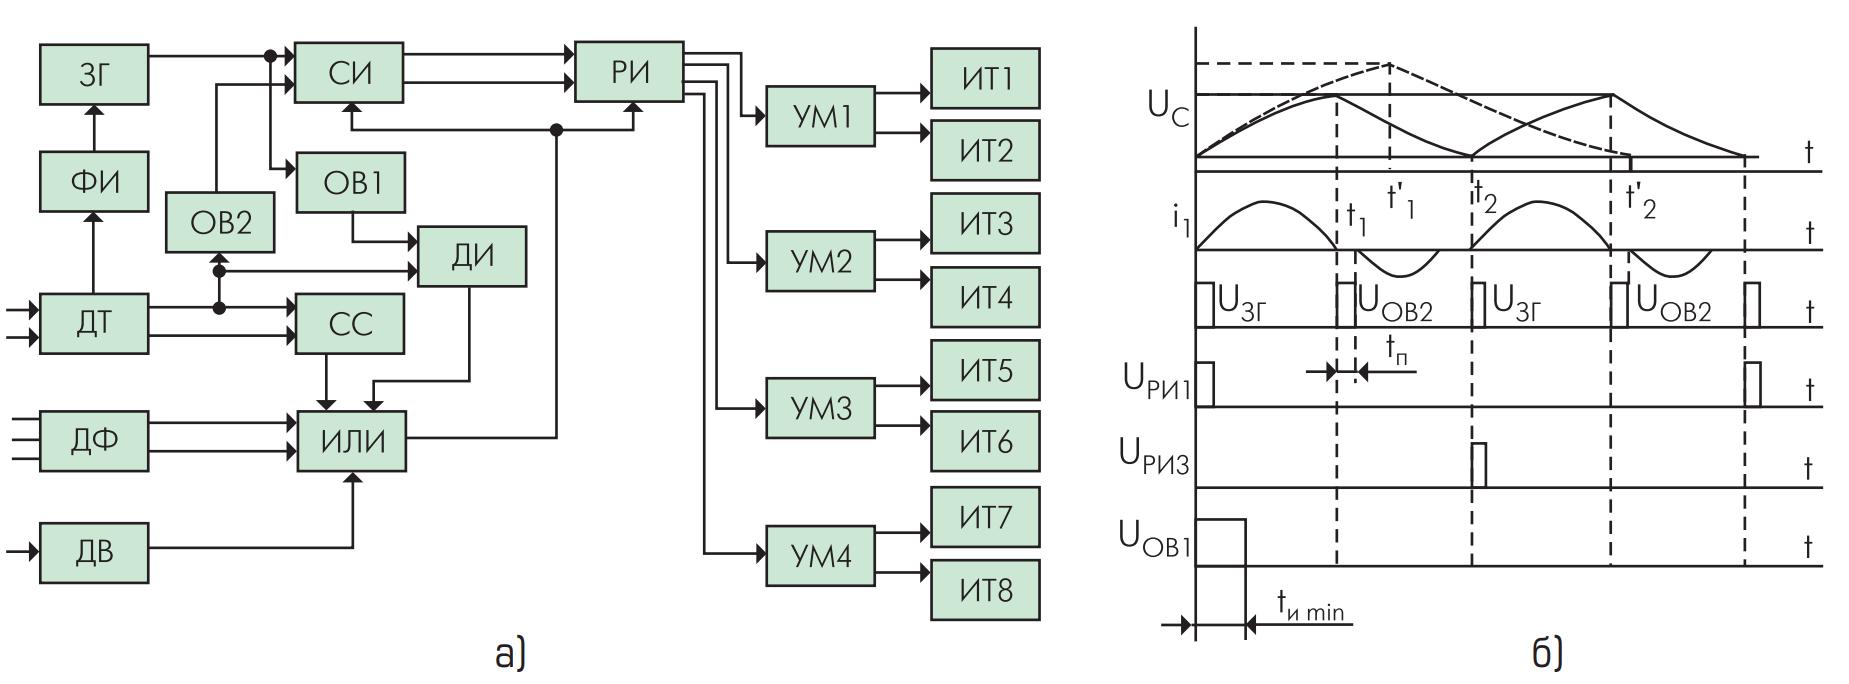 Структурная схема системы управления и временные диаграммы